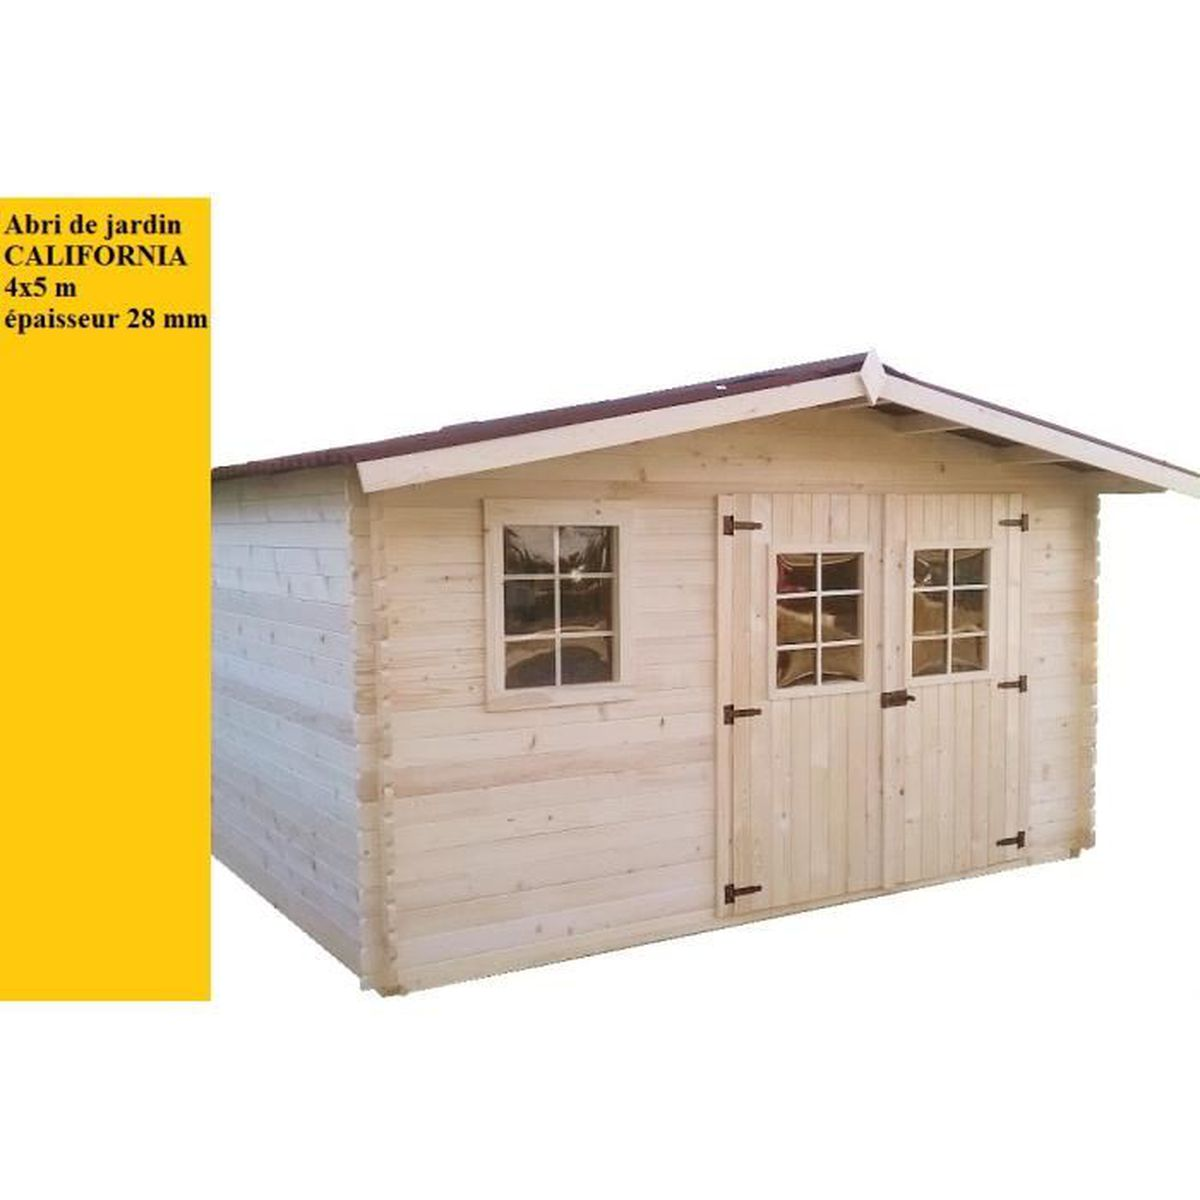 Grande Cabane De Jardin Pas Cher abri de jardin bois 4x5m 20m2 california - achat / vente